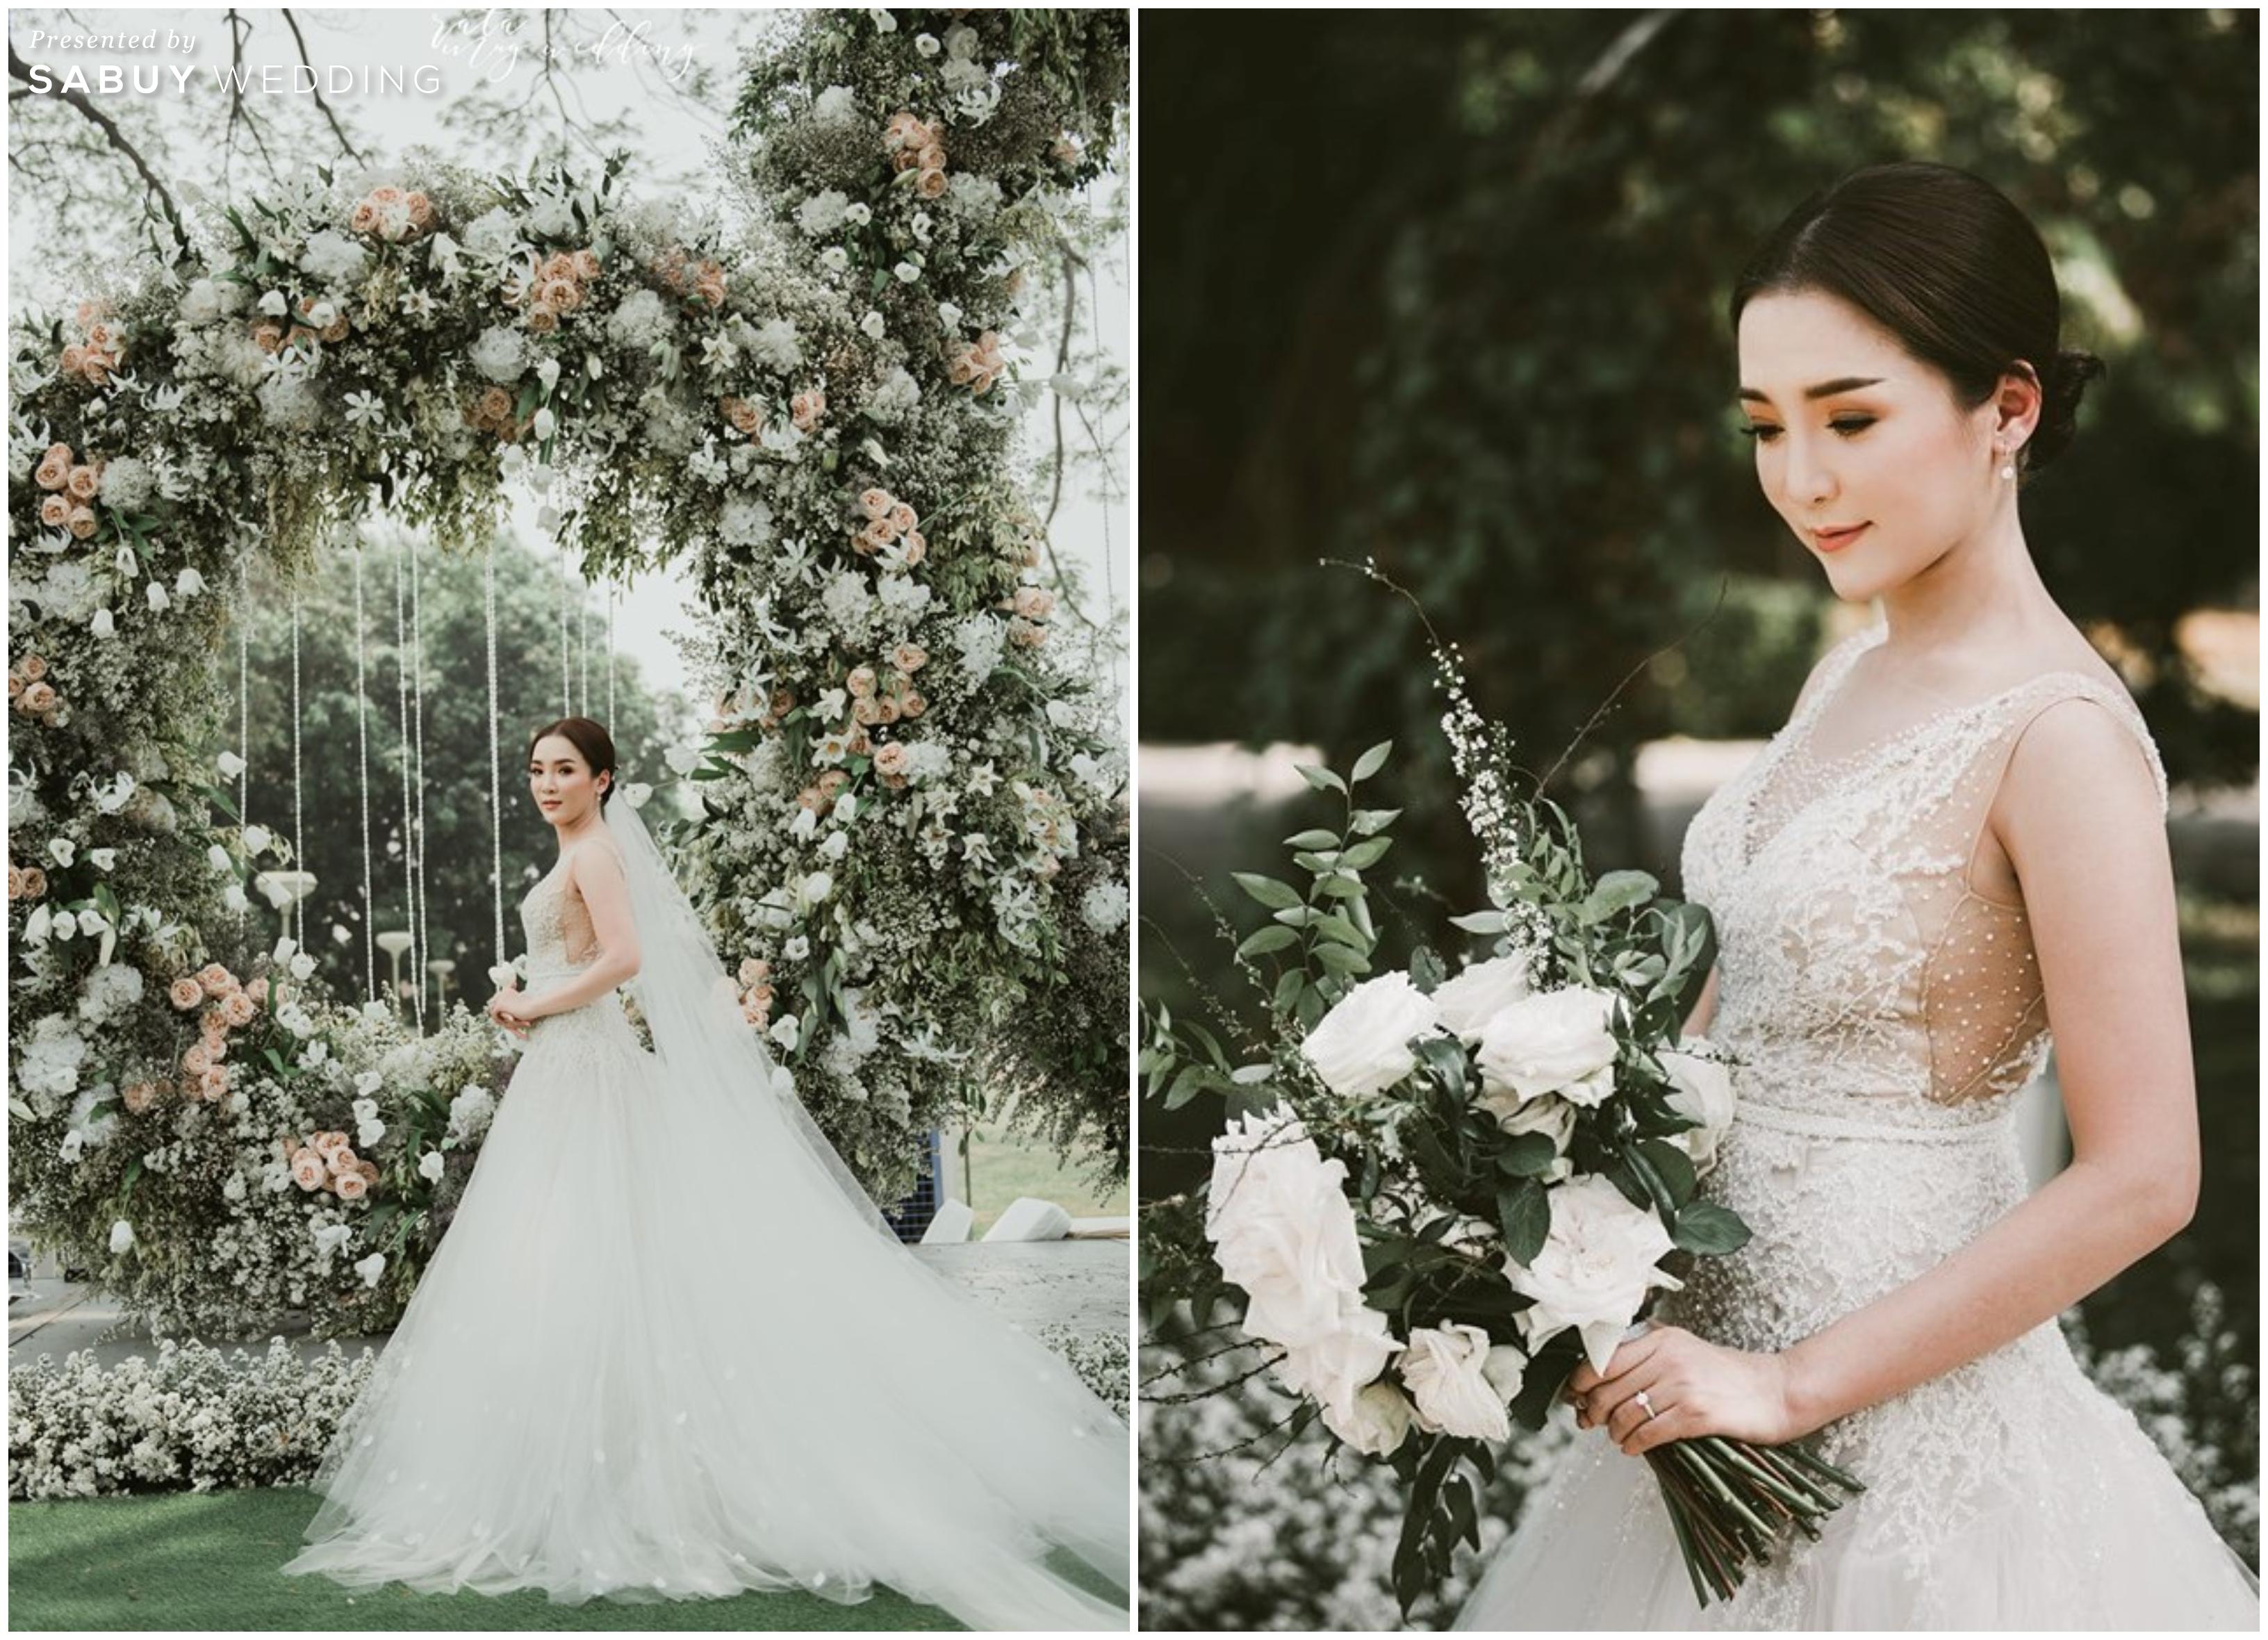 เจ้าสาว,ดอกไม้เจ้าสาว,ชุดแต่งงาน,ชุดเจ้าสาว รีวิวงานแต่งสวนสวยละมุนใจ บรรยากาศโรแมนติก @ Le coq d'or Chiangmai